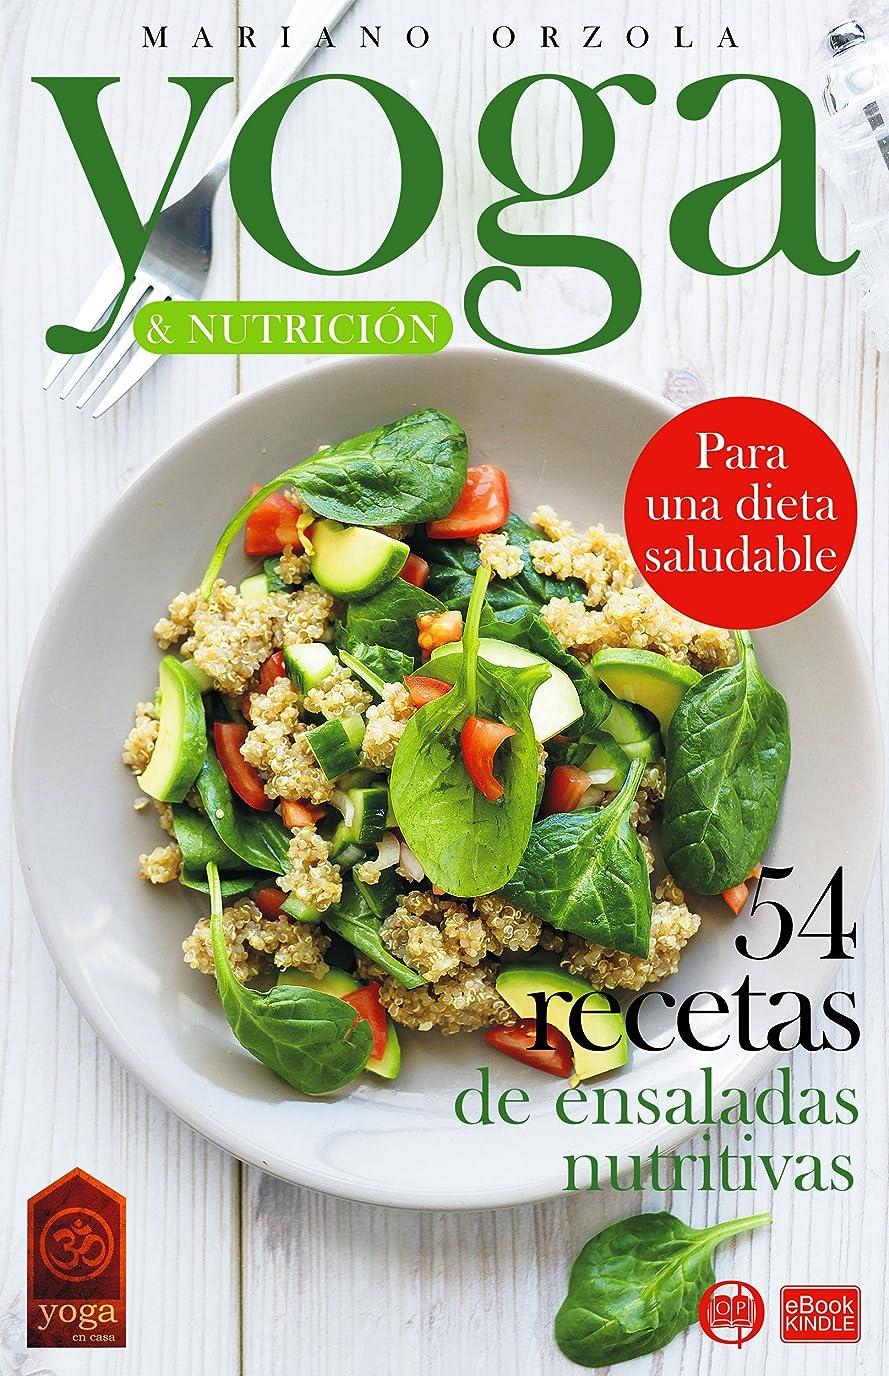 YOGA & NUTRICIóN - 54 RECETAS DE ENSALADAS NUTRITIVAS: Para una dieta saludable (Colección YOGA EN CASA no 20) (Spanish Edition)